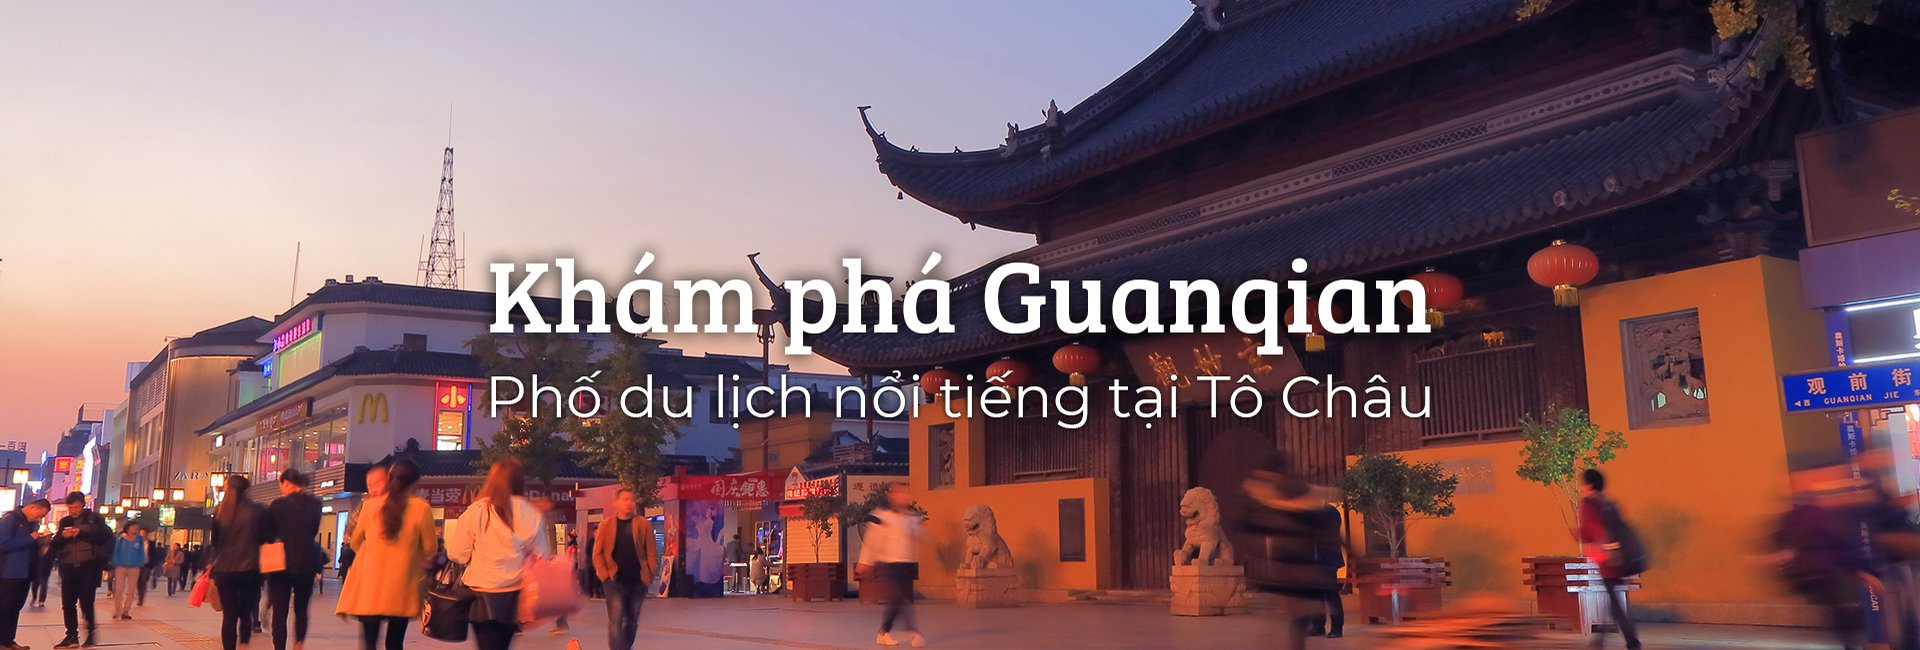 Khám phá Guanqian: Phố du lịch nổi tiếng tại Tô Châu